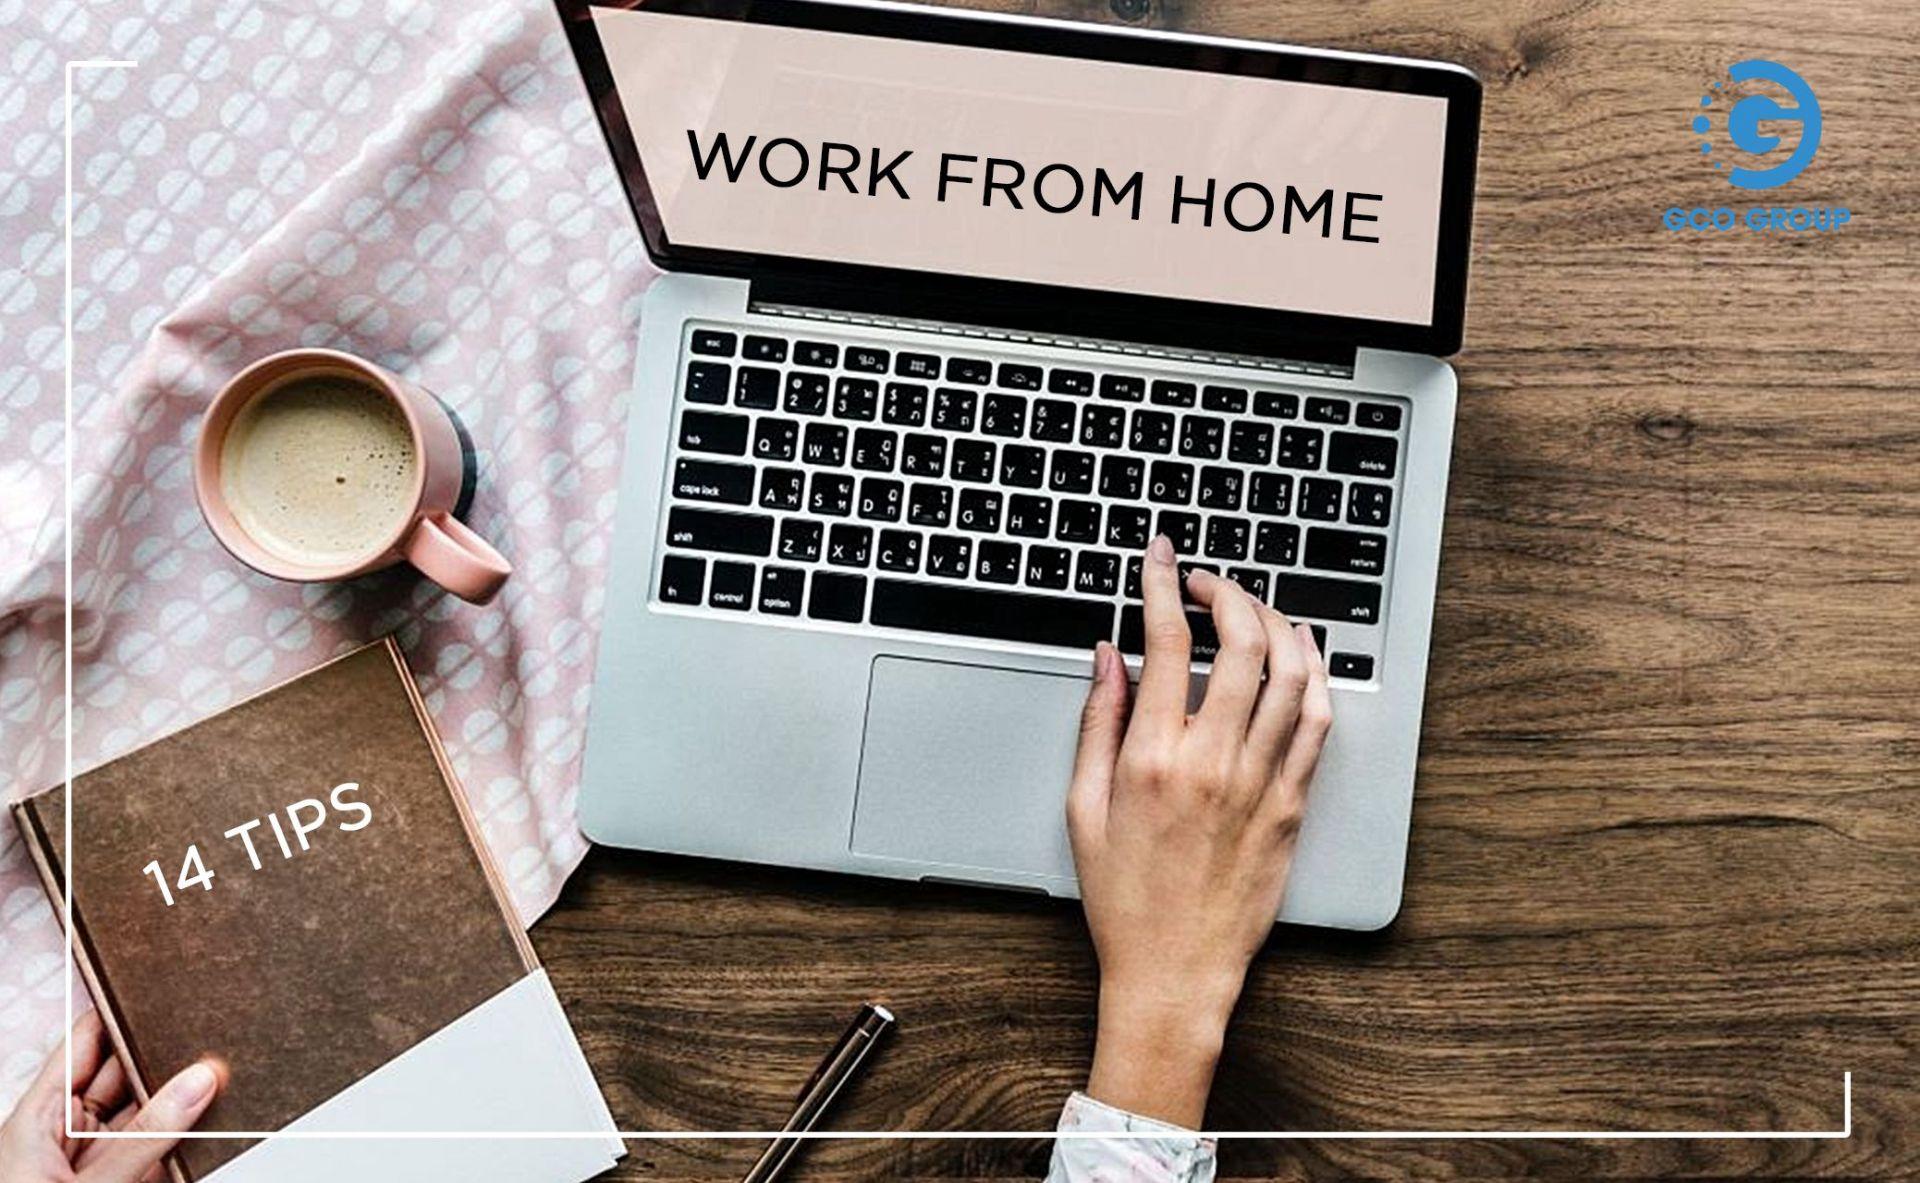 14 tips giúp bạn làm việc online hiệu quả hơn 200%